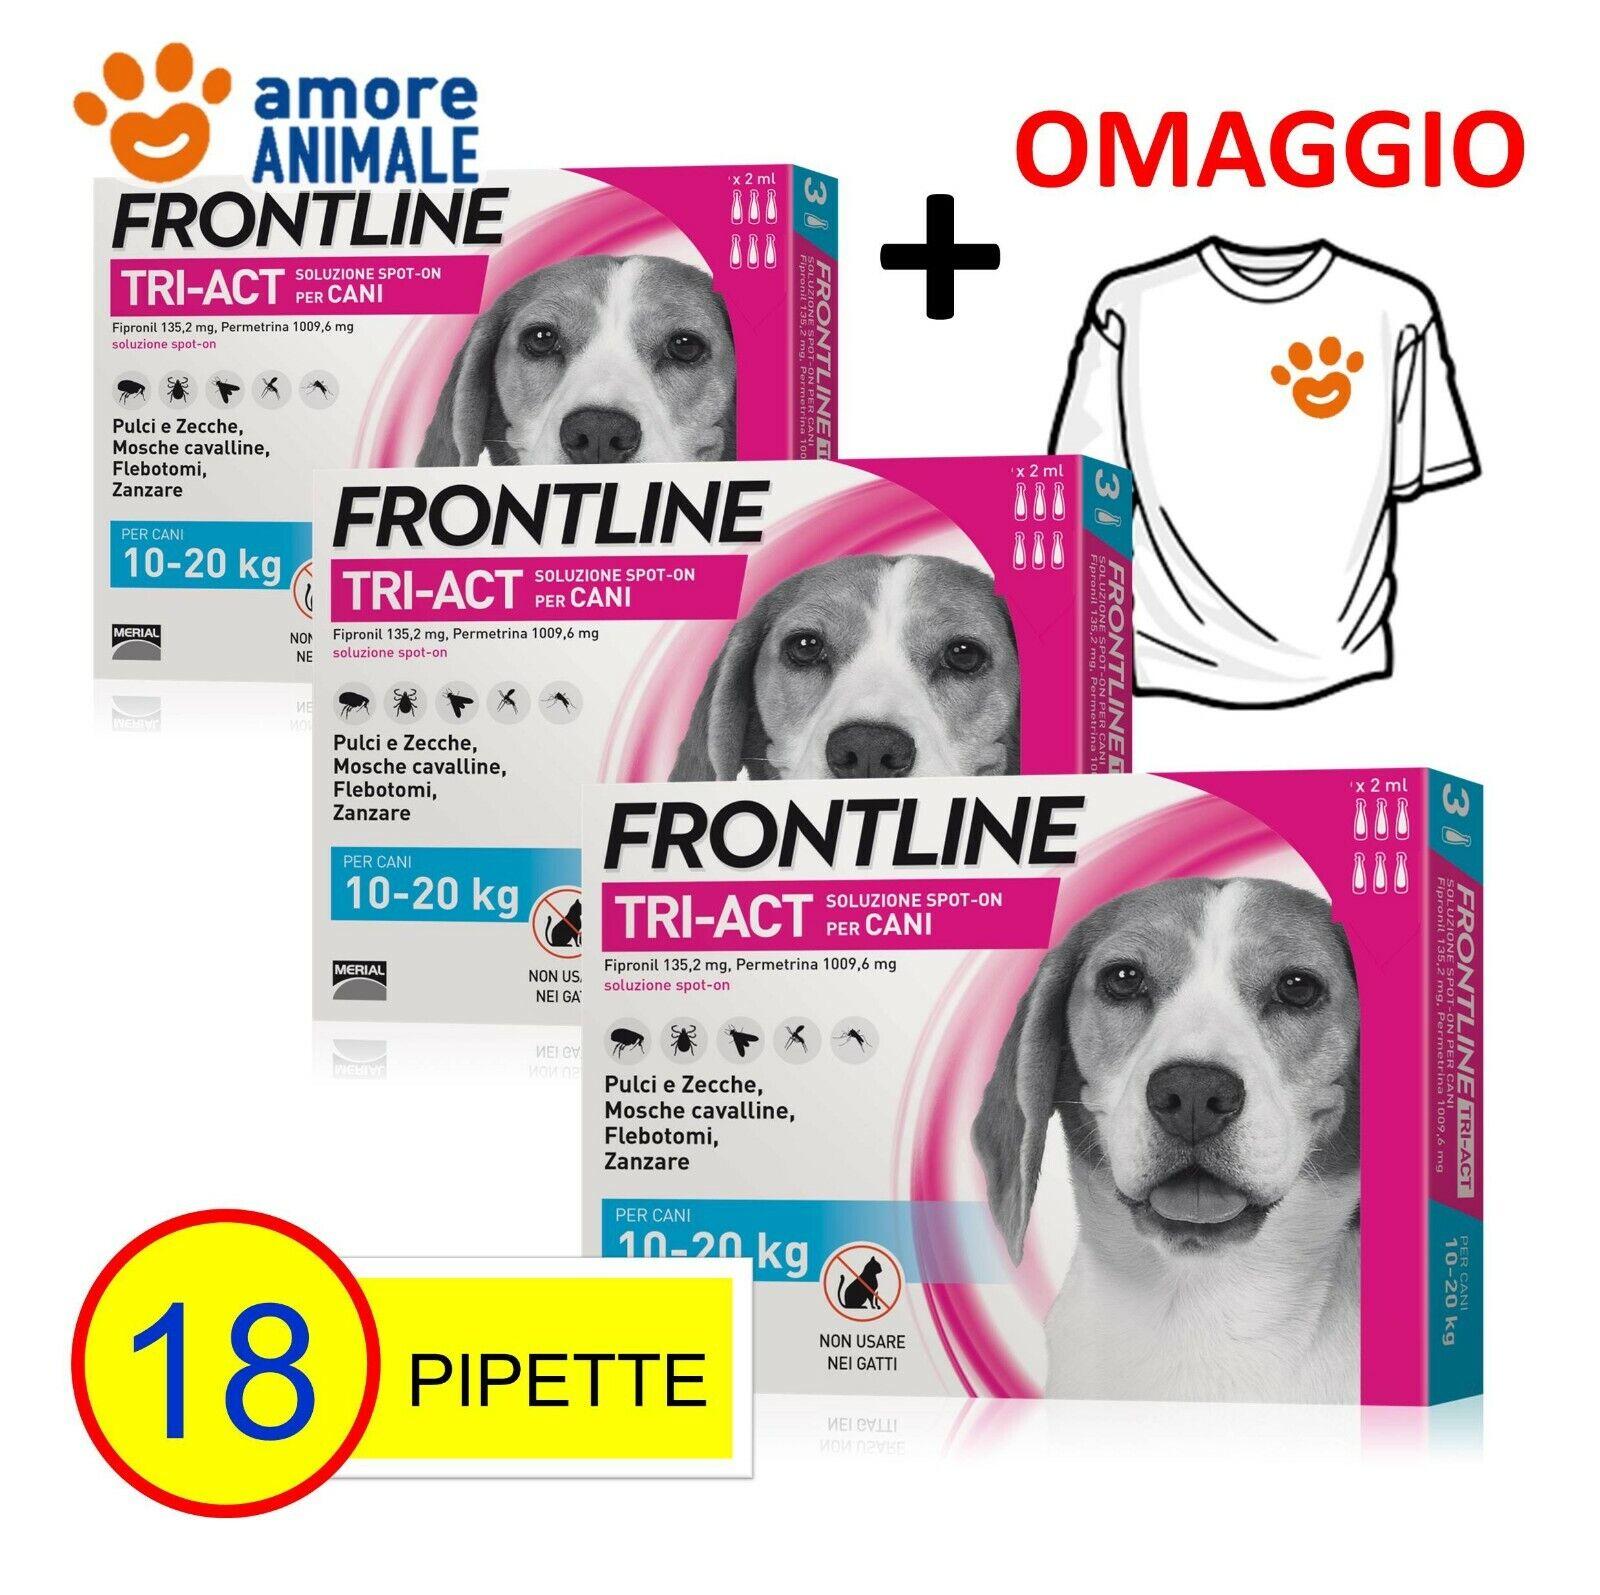 3 CONFEZIONI M Frontline TRIACT 6 pipette per cani 1020 kg Antiparassitario